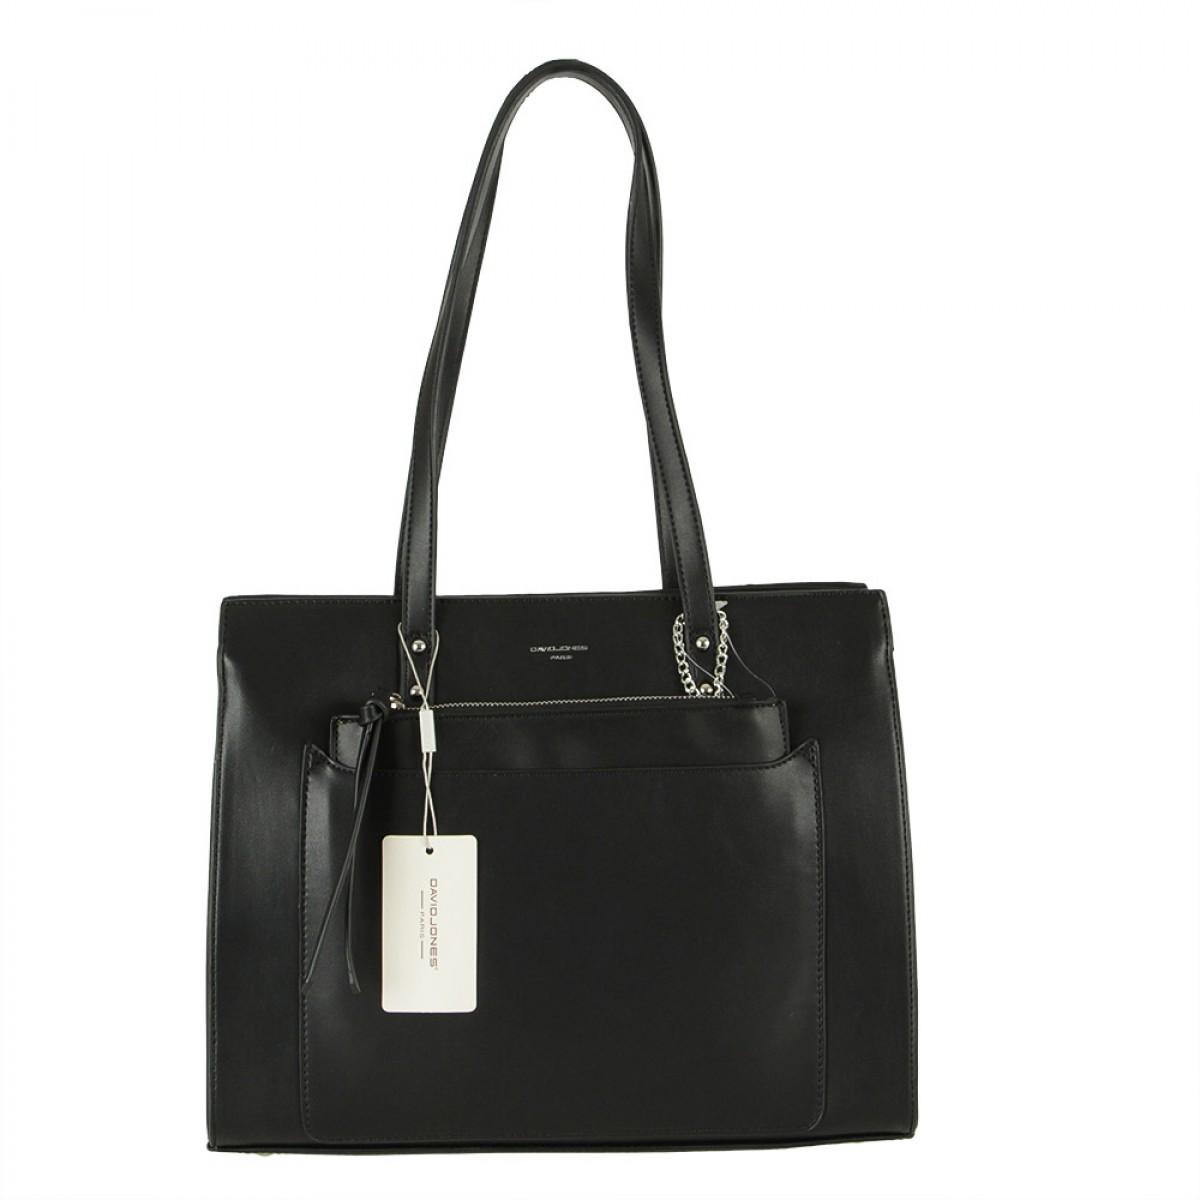 Жіноча сумка David Jones  CM5677 BLACK